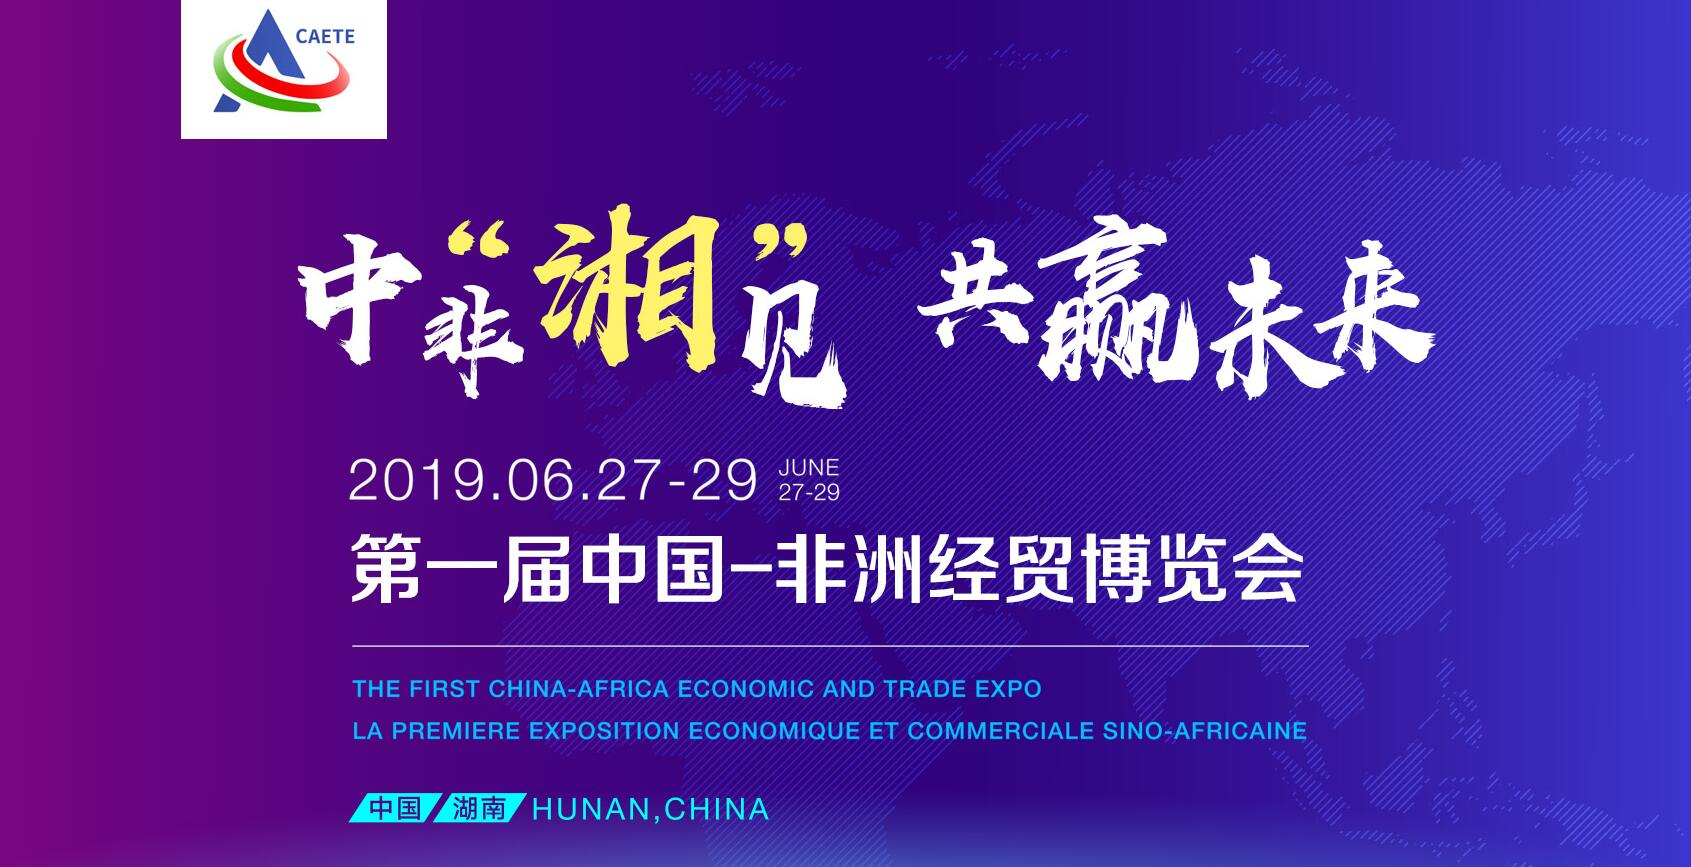 第一届中国-非洲经贸博览会